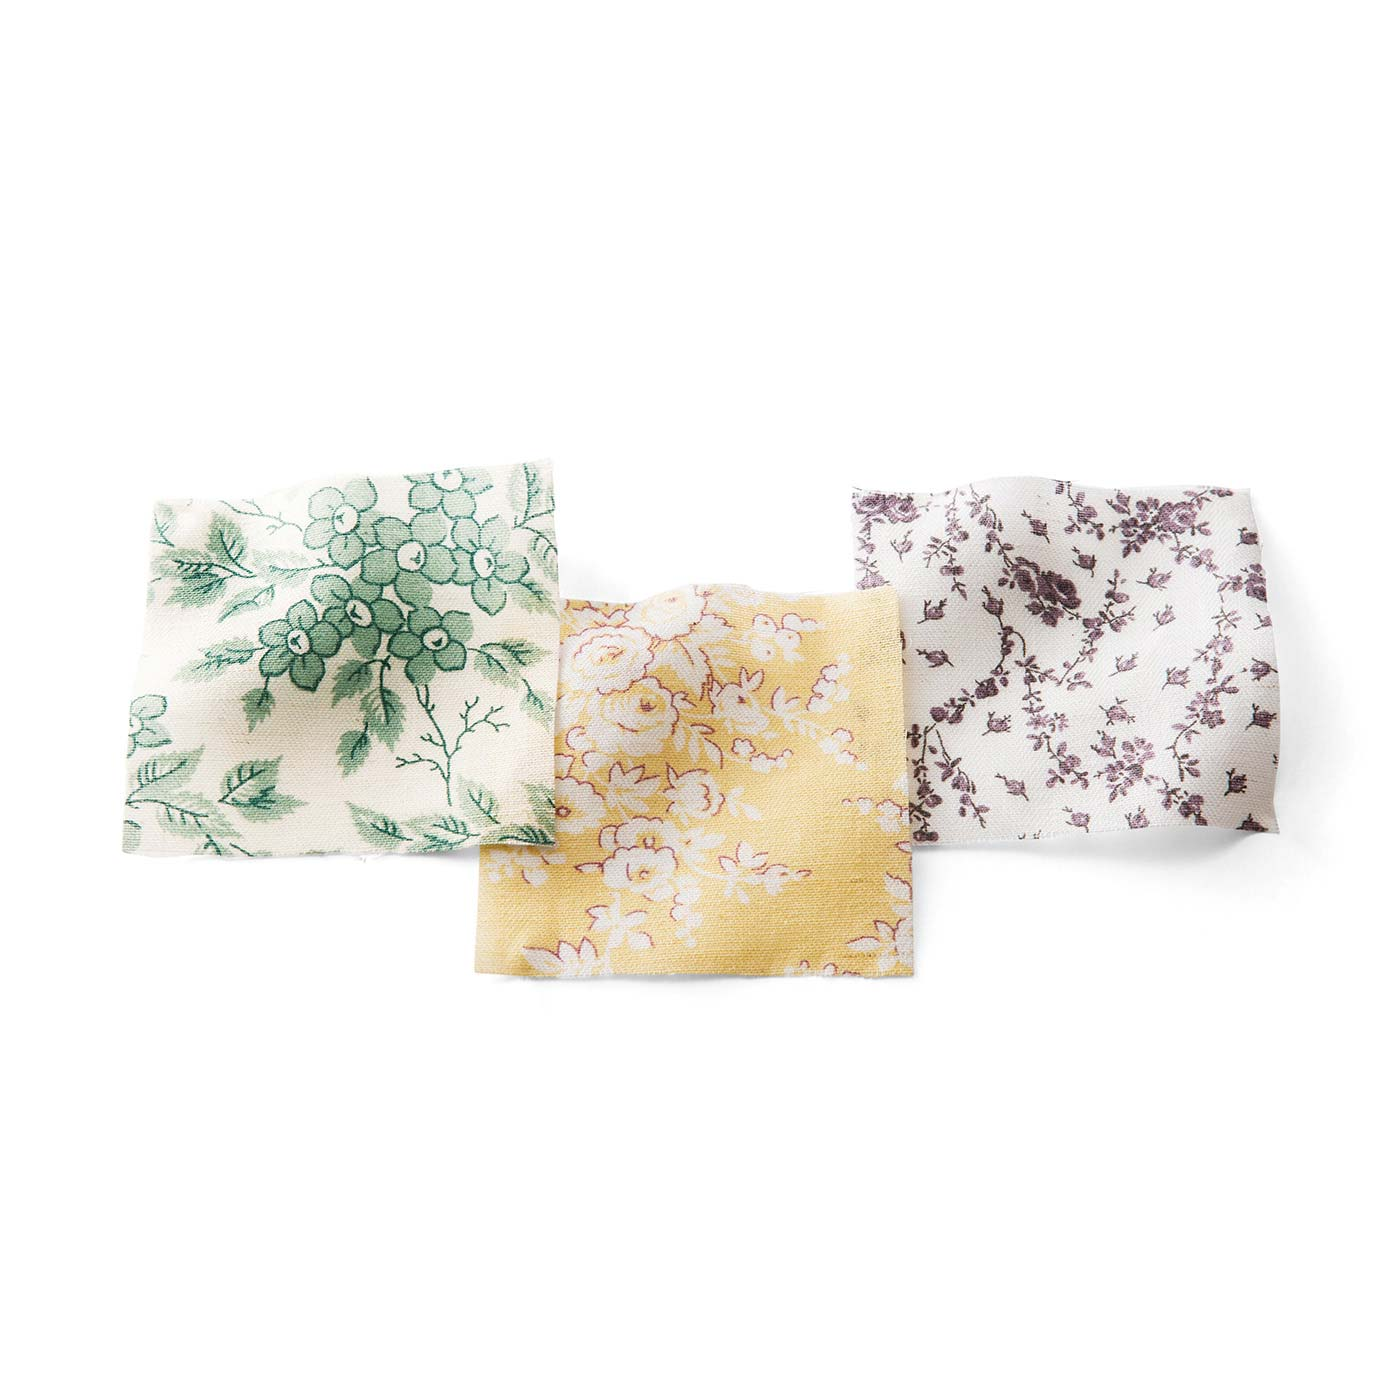 やわらかさとシャリ感のある綿麻素材は、ヘリンボーン織りの表情が繊細さをプラス。